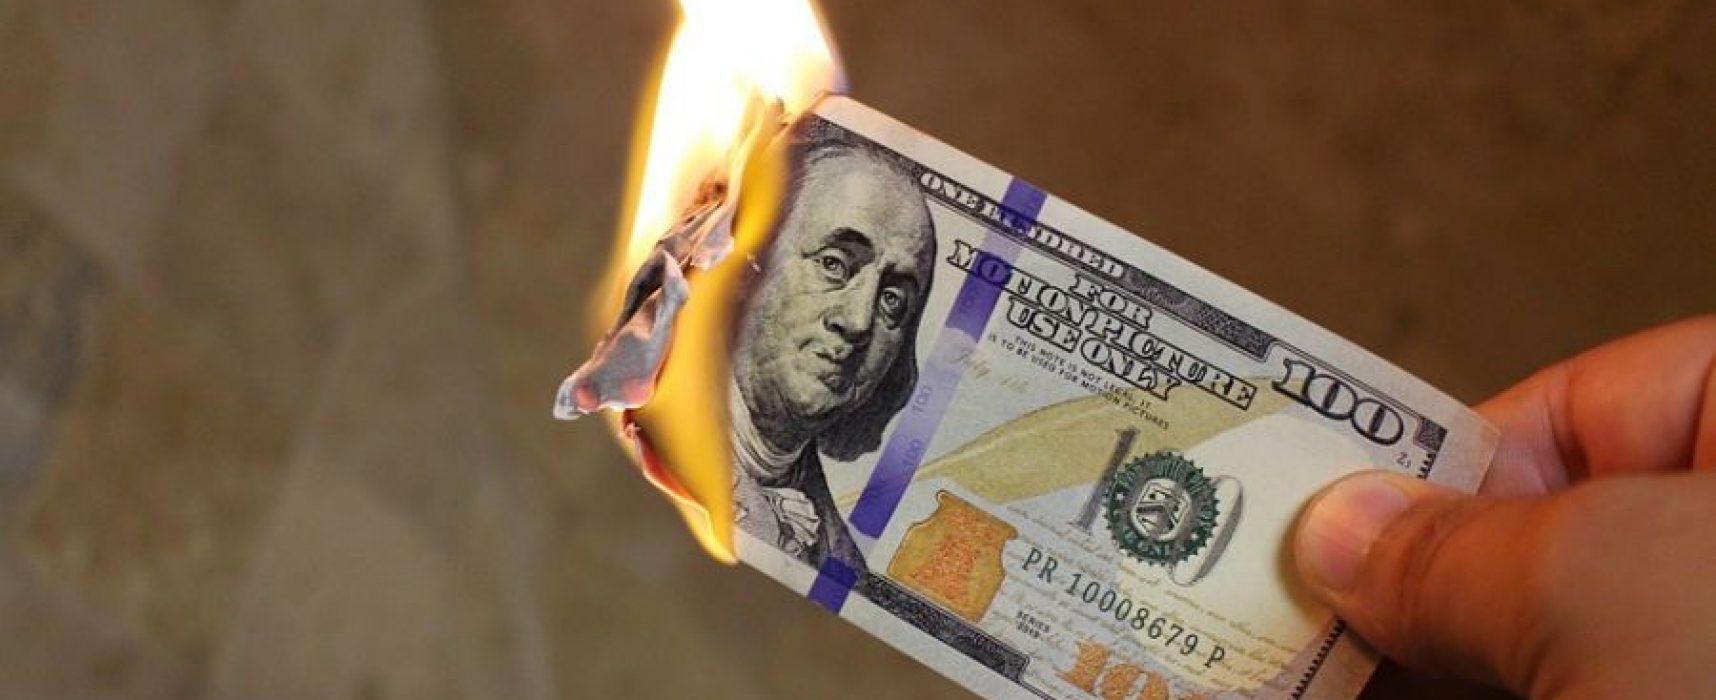 Фейк российских СМИ: доллар вот-вот лишится статуса мировой резервной валюты